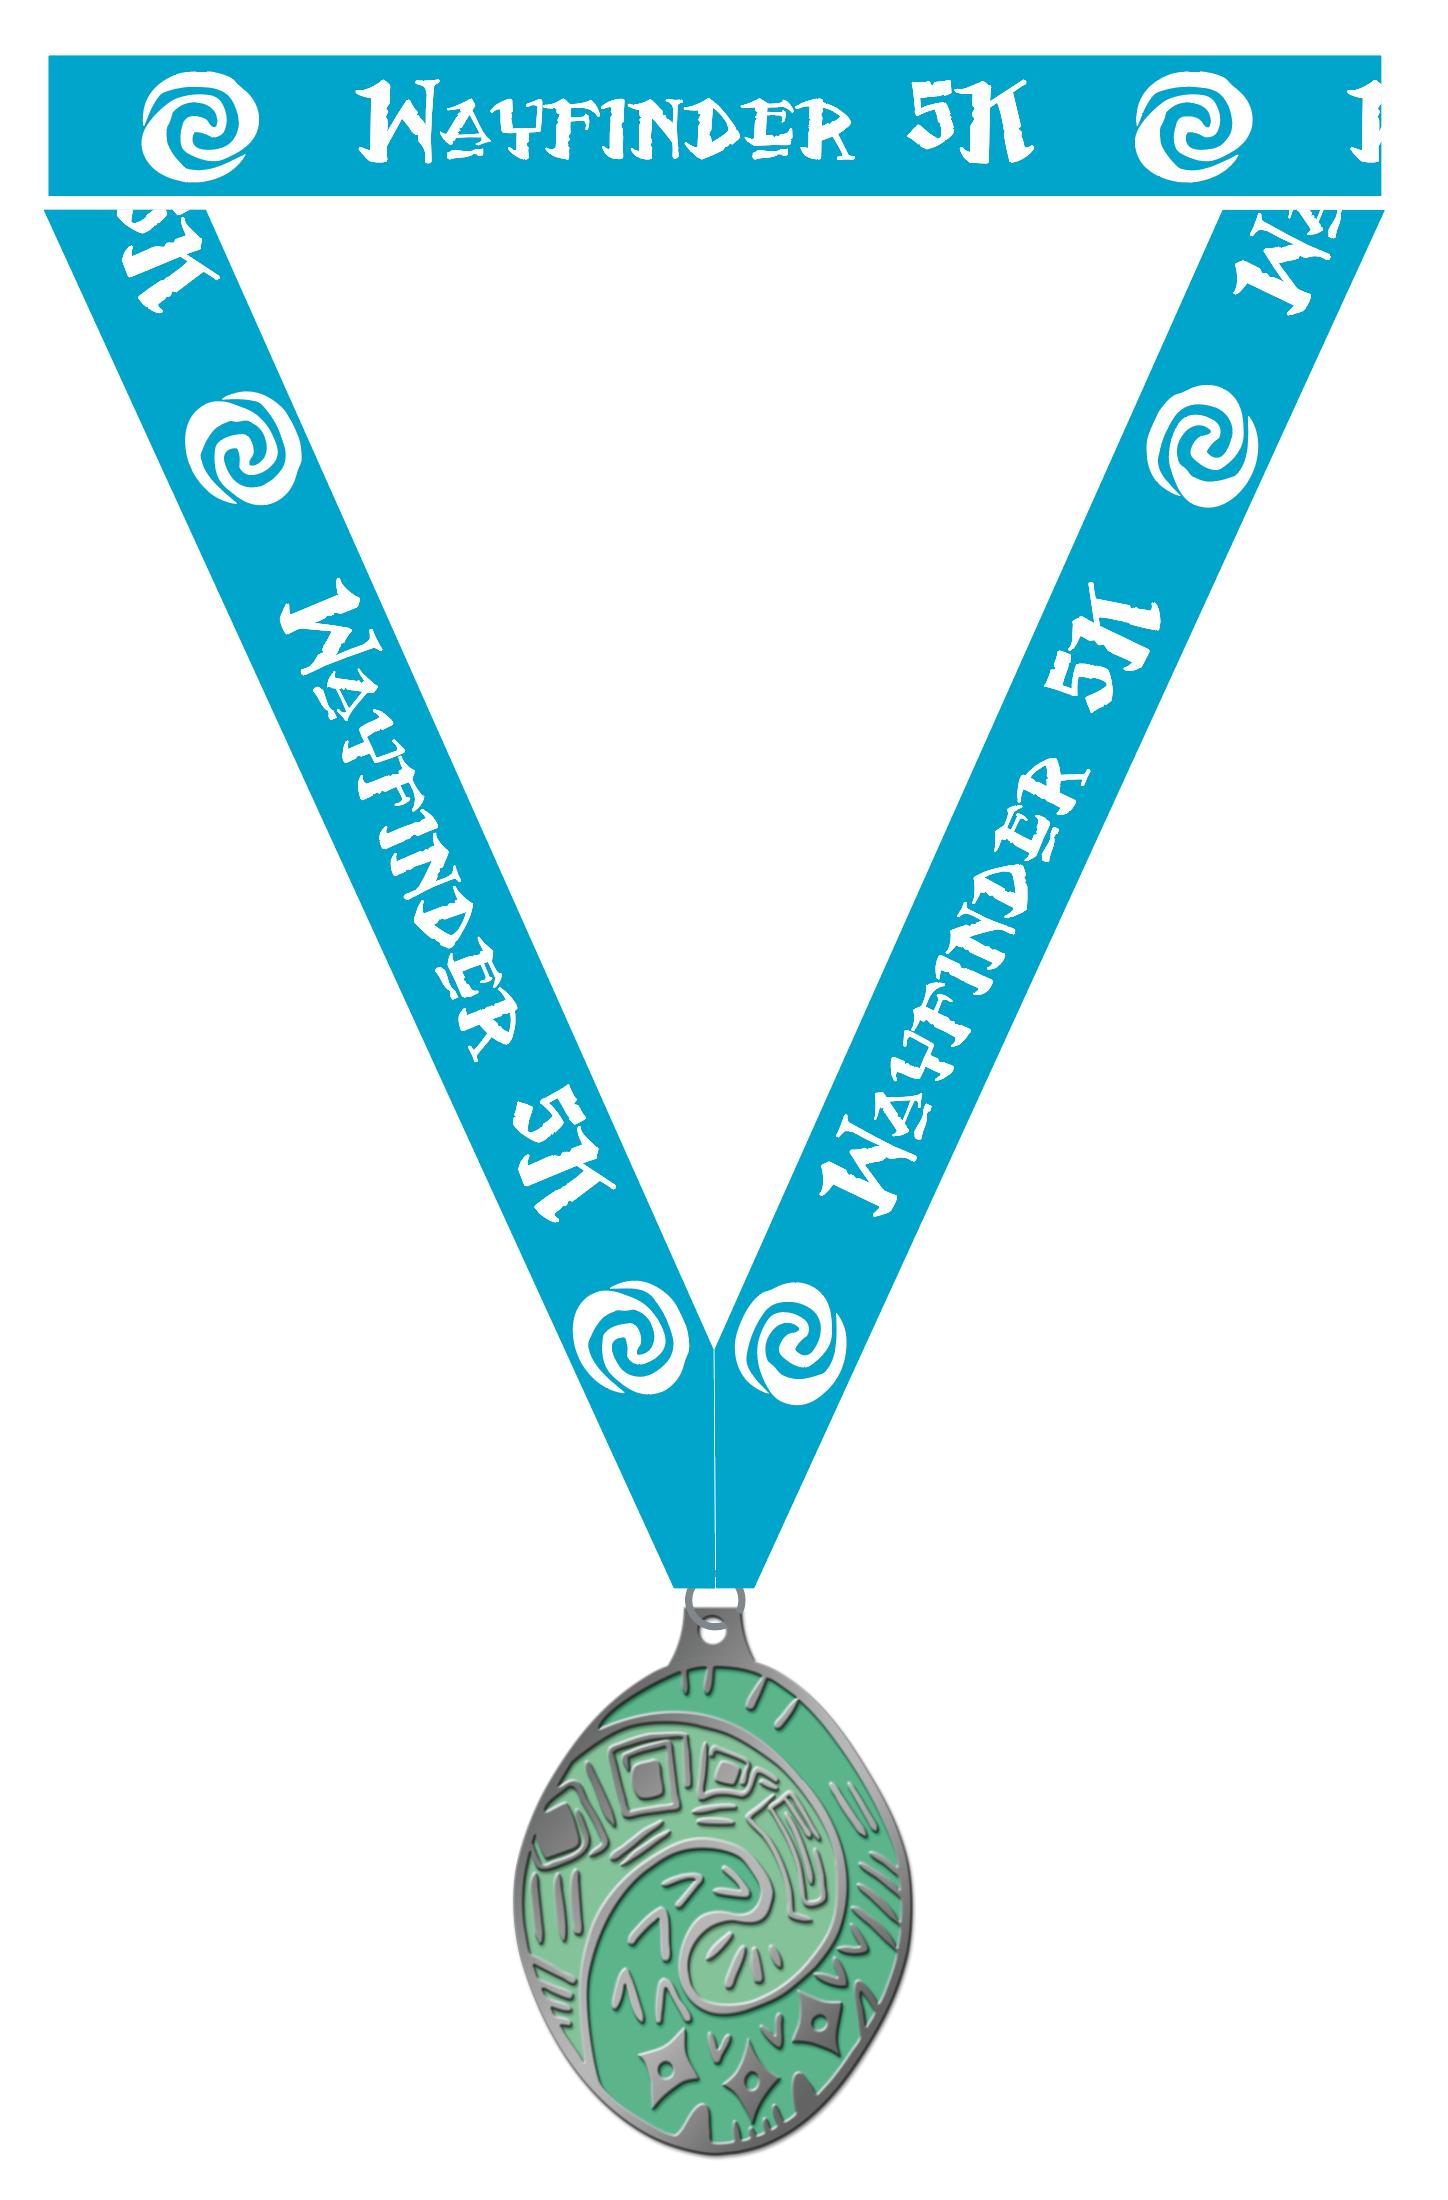 Wayfinder 5K Medal